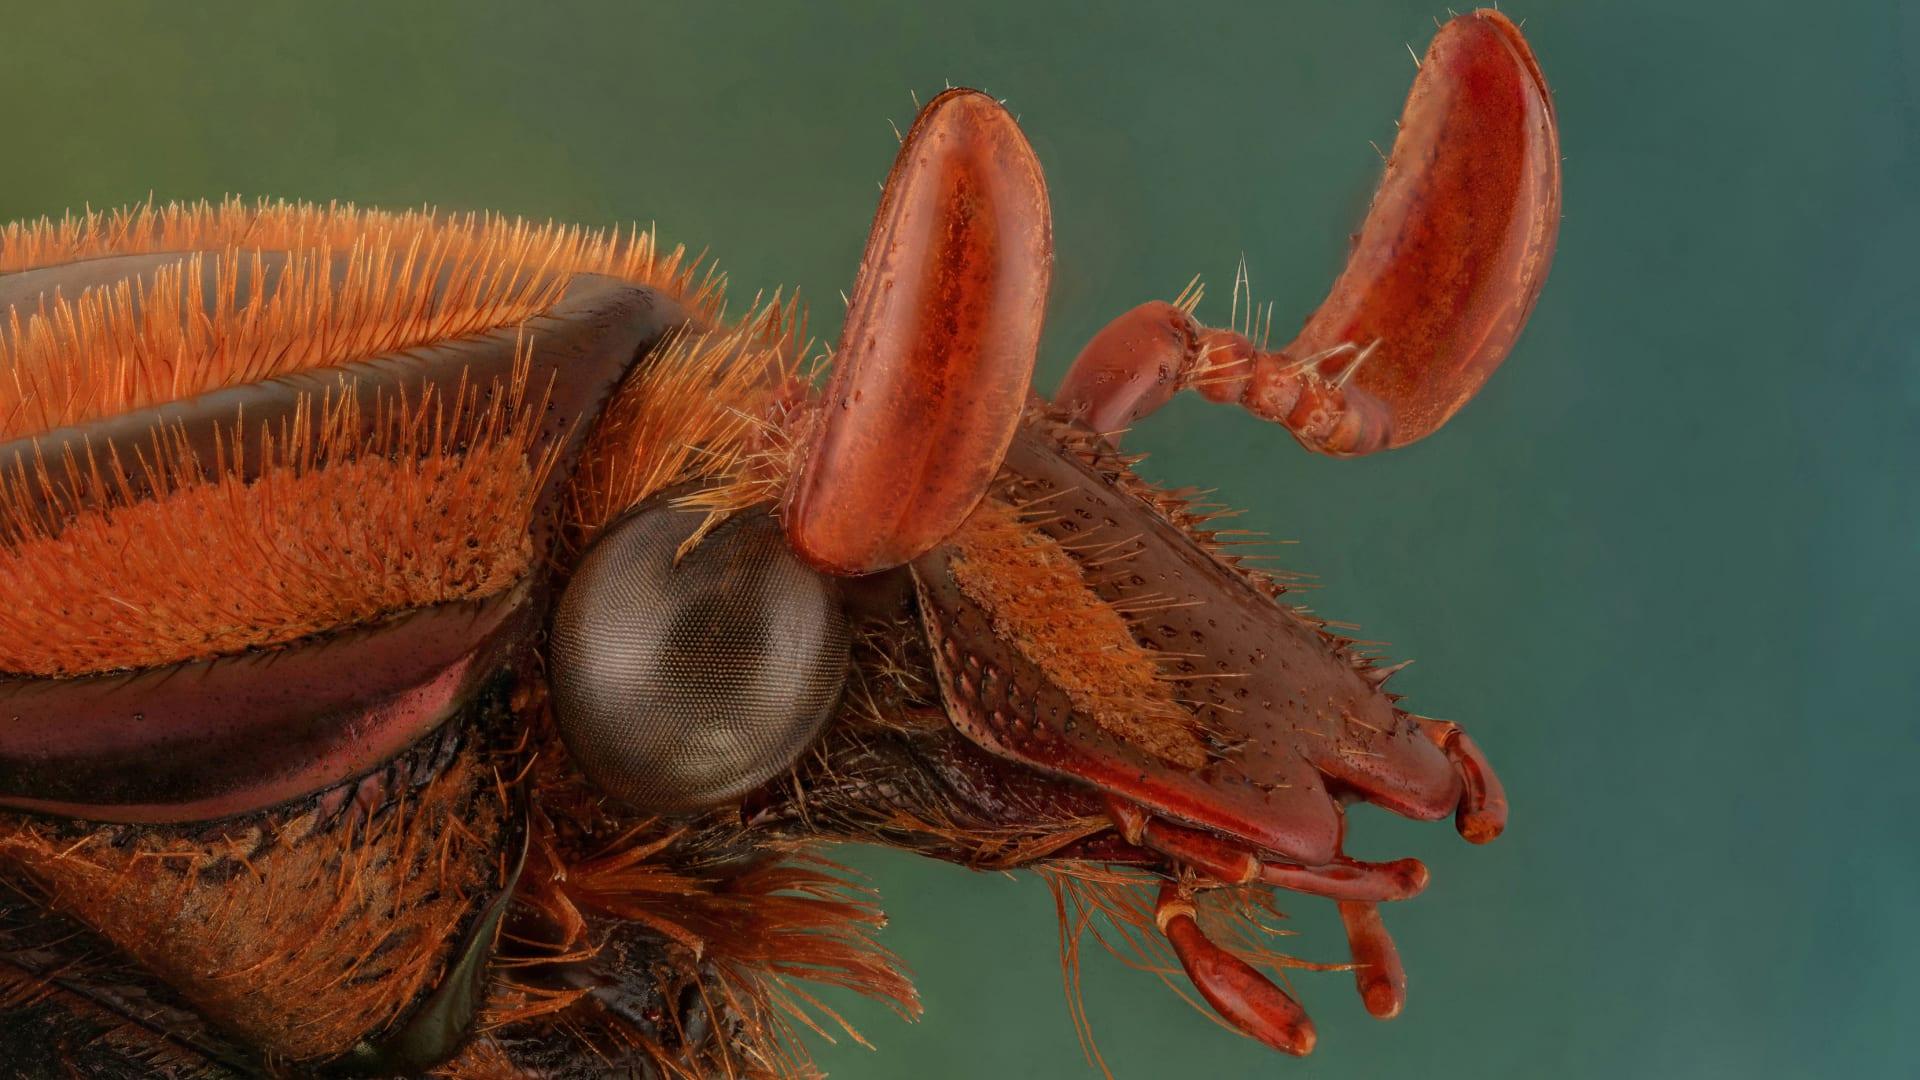 """مصور سعودي يوثق """"وحوش صغيرة"""" من عوالم الحشرات.. كيف تبدو عن قرب؟"""